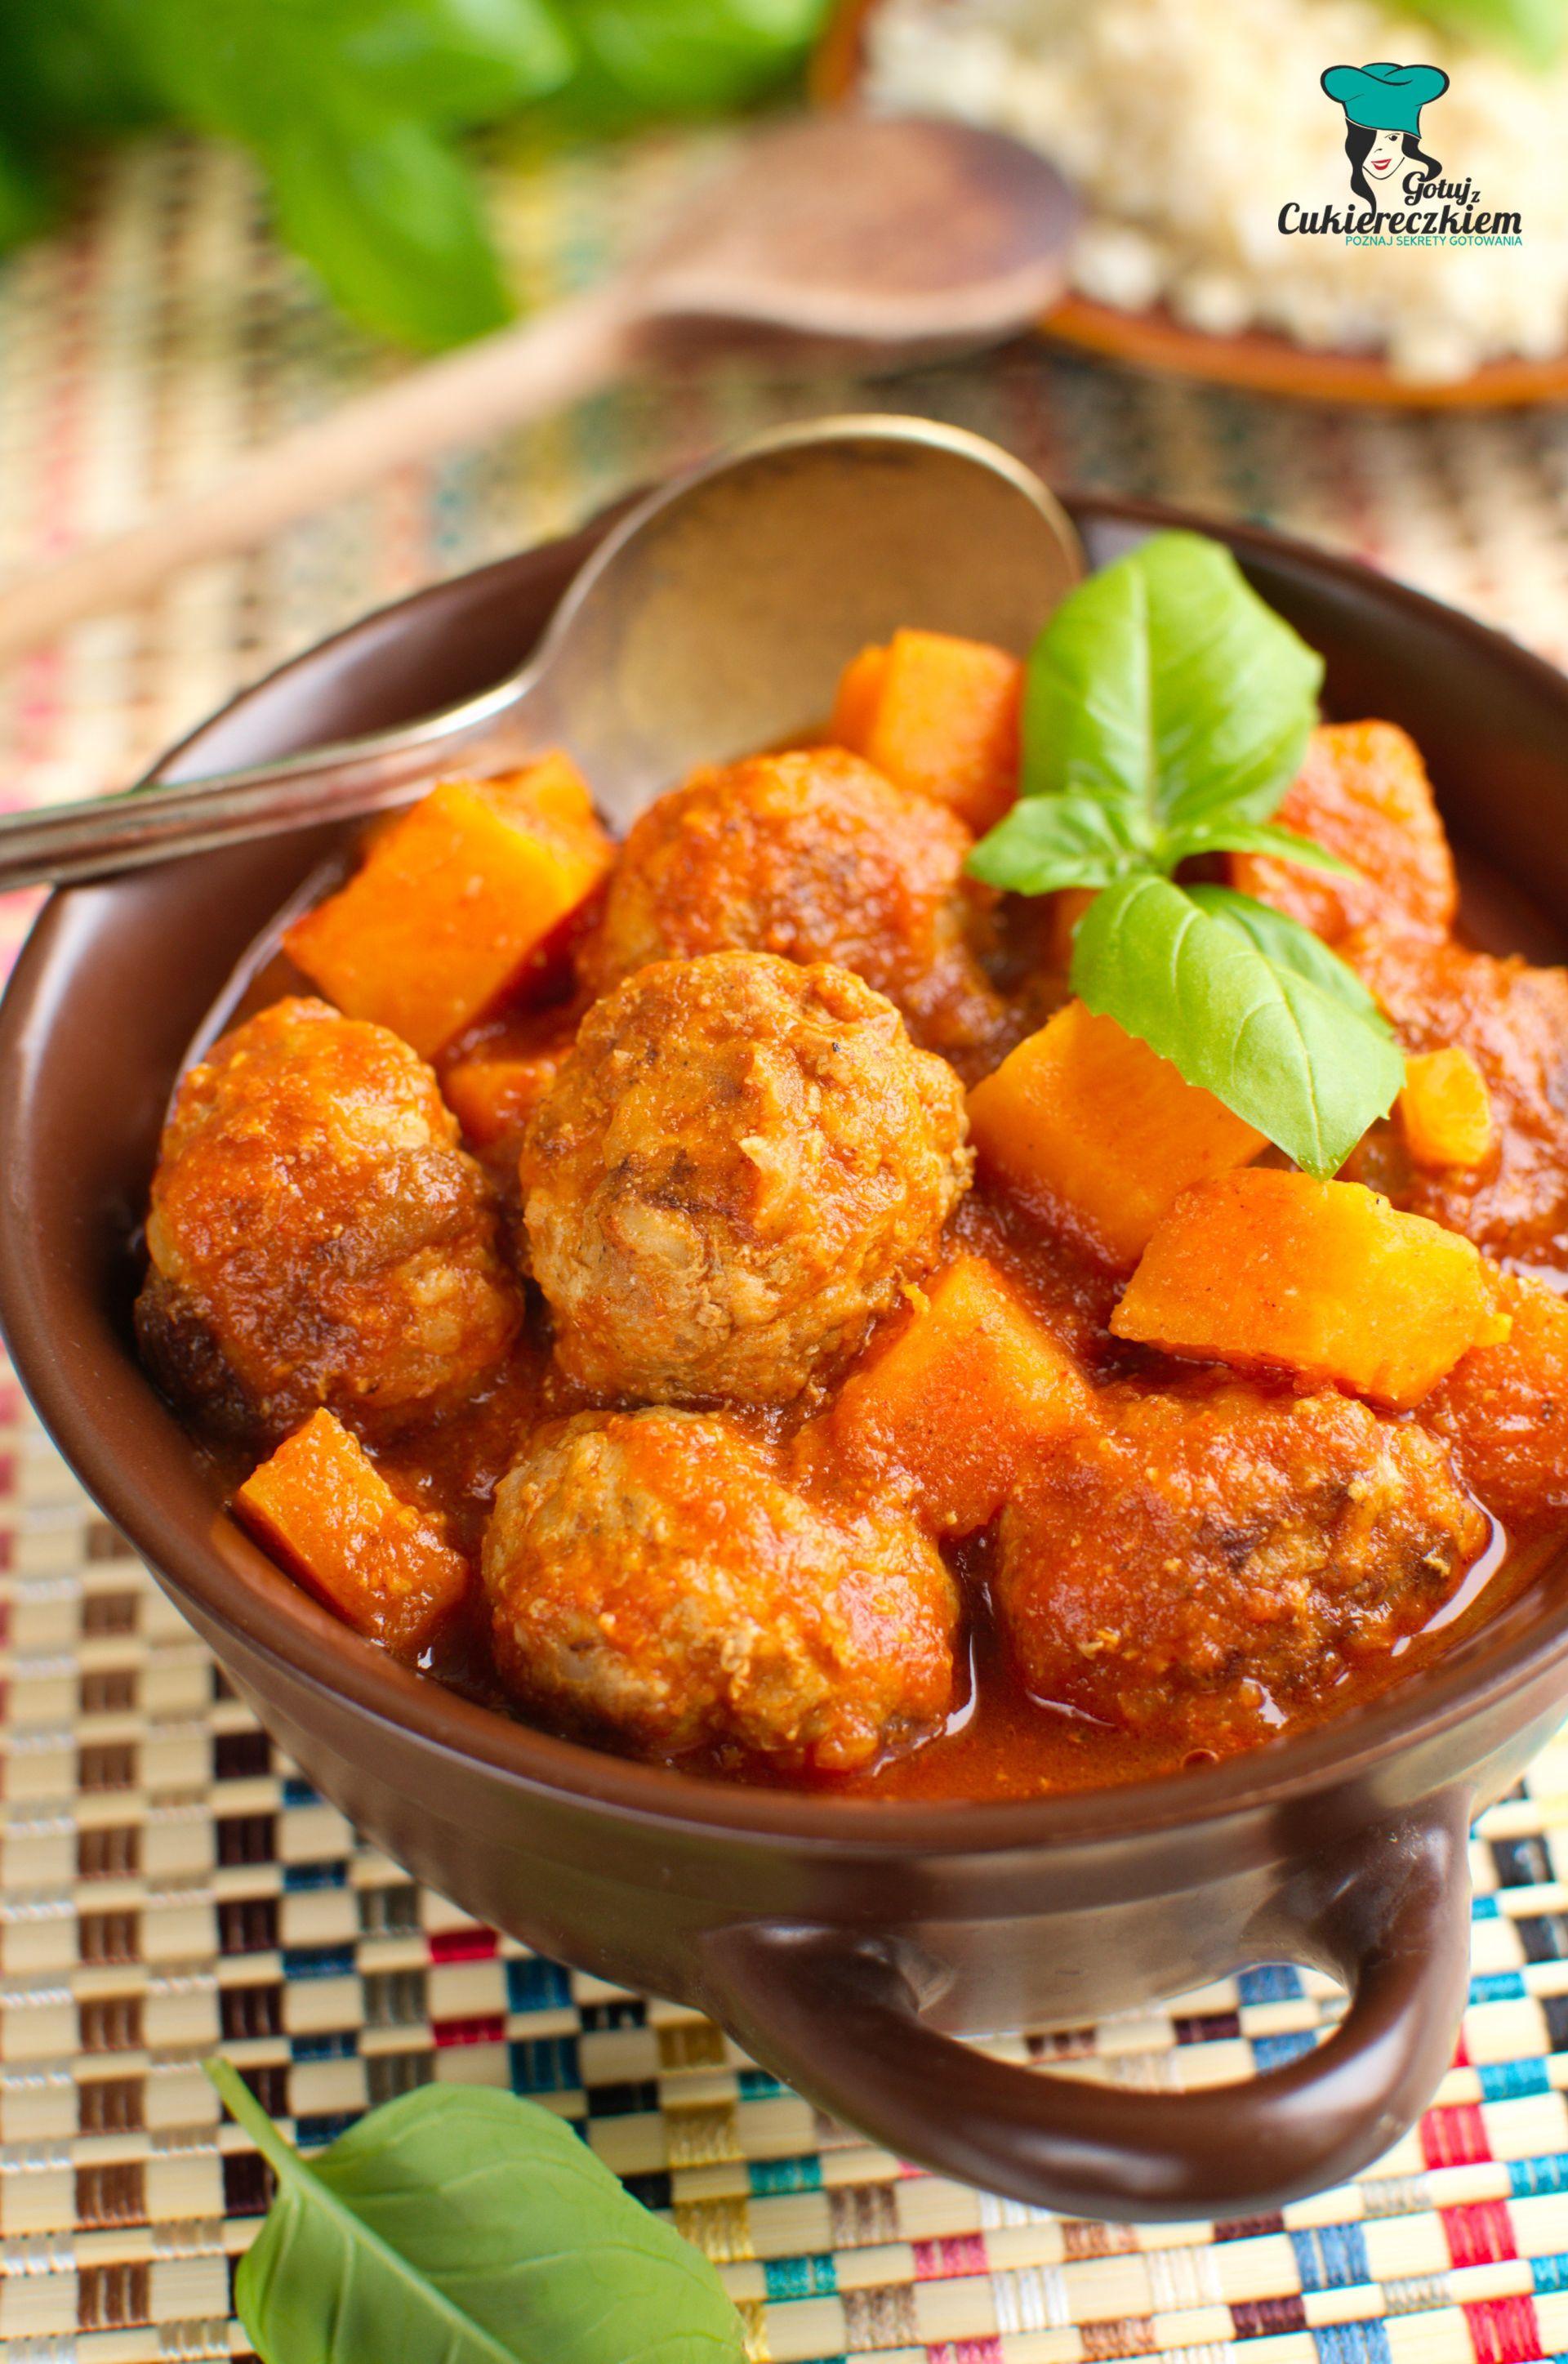 Pulpeciki z batatami w słodko-ostrym sosie